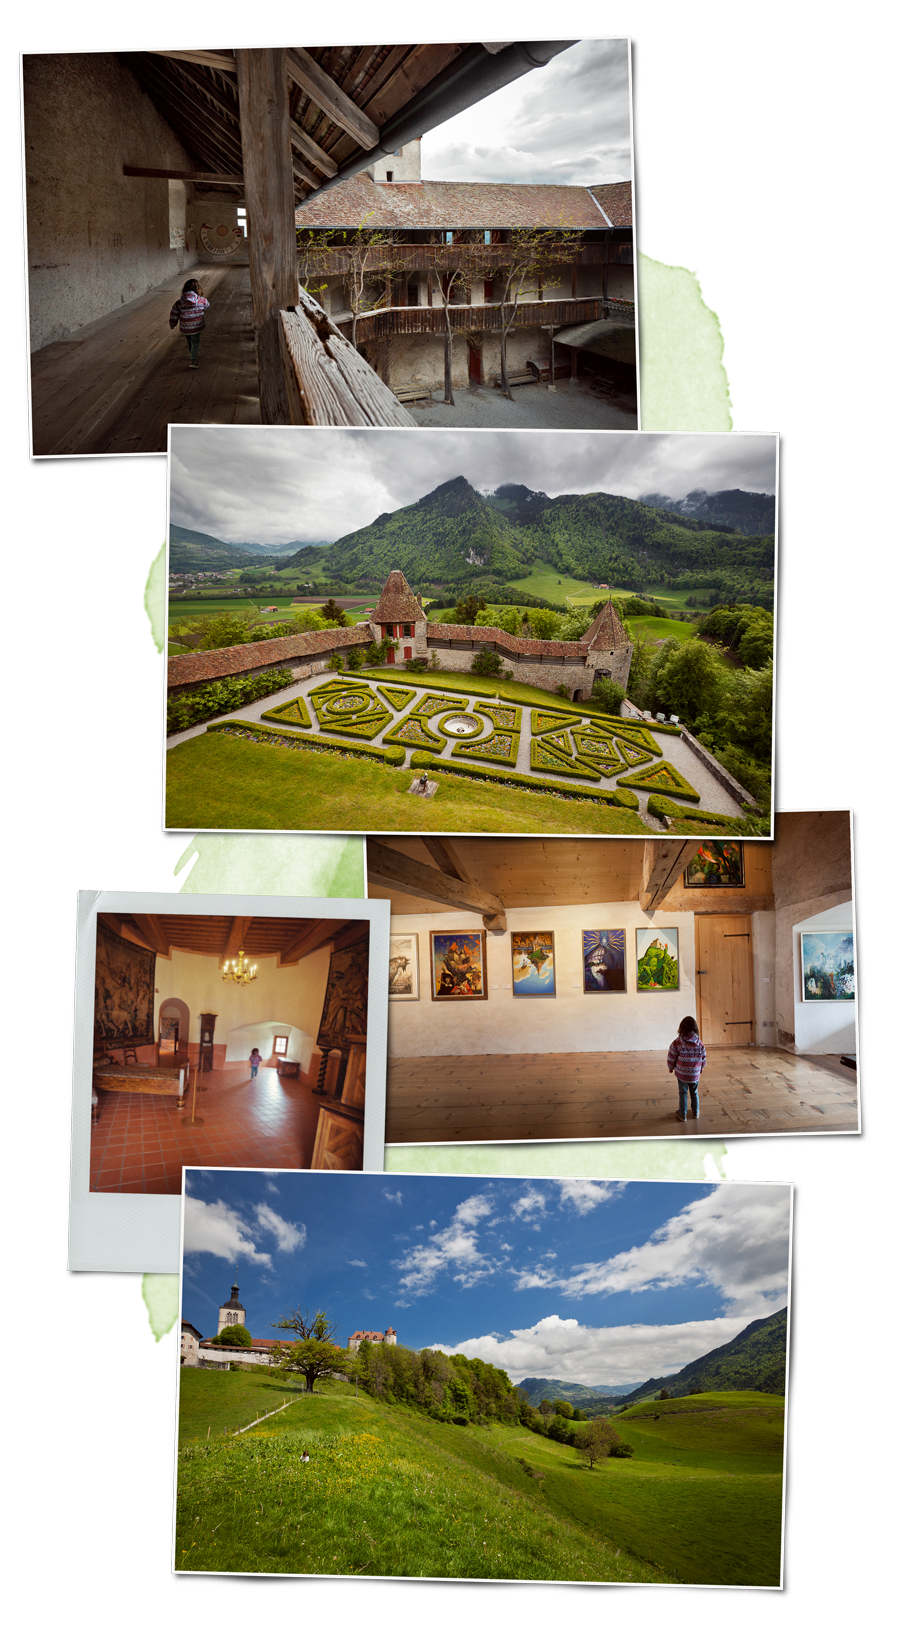 Carnet de voyage en suisse le canton de fribourg en for Le jardin morat